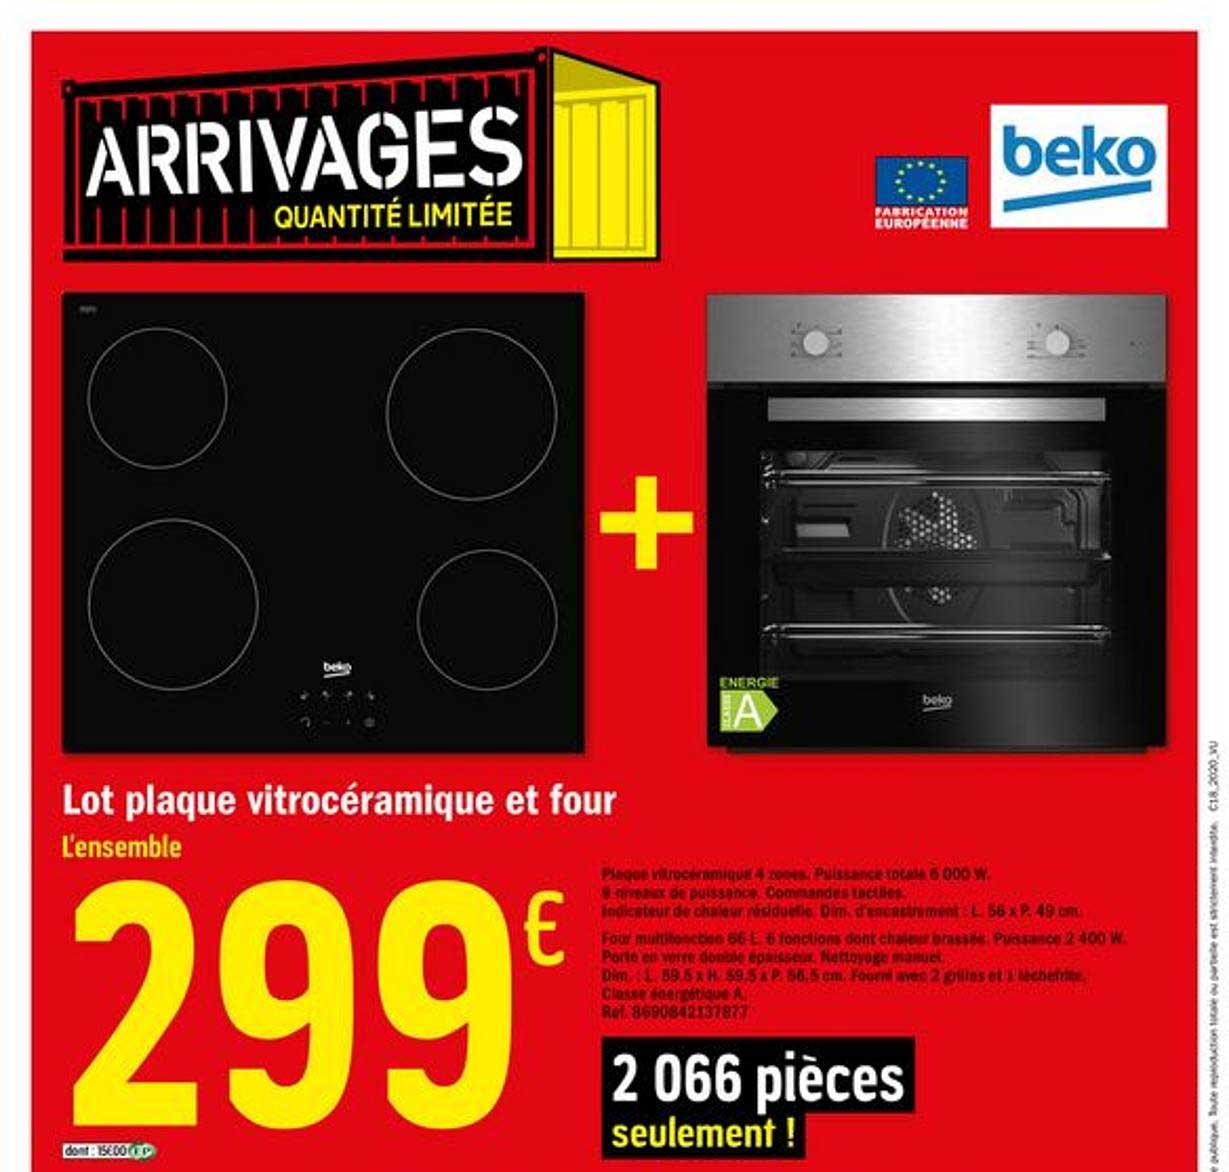 Brico Dépôt Lot Plaque Vitrocéramique Et Four Beko